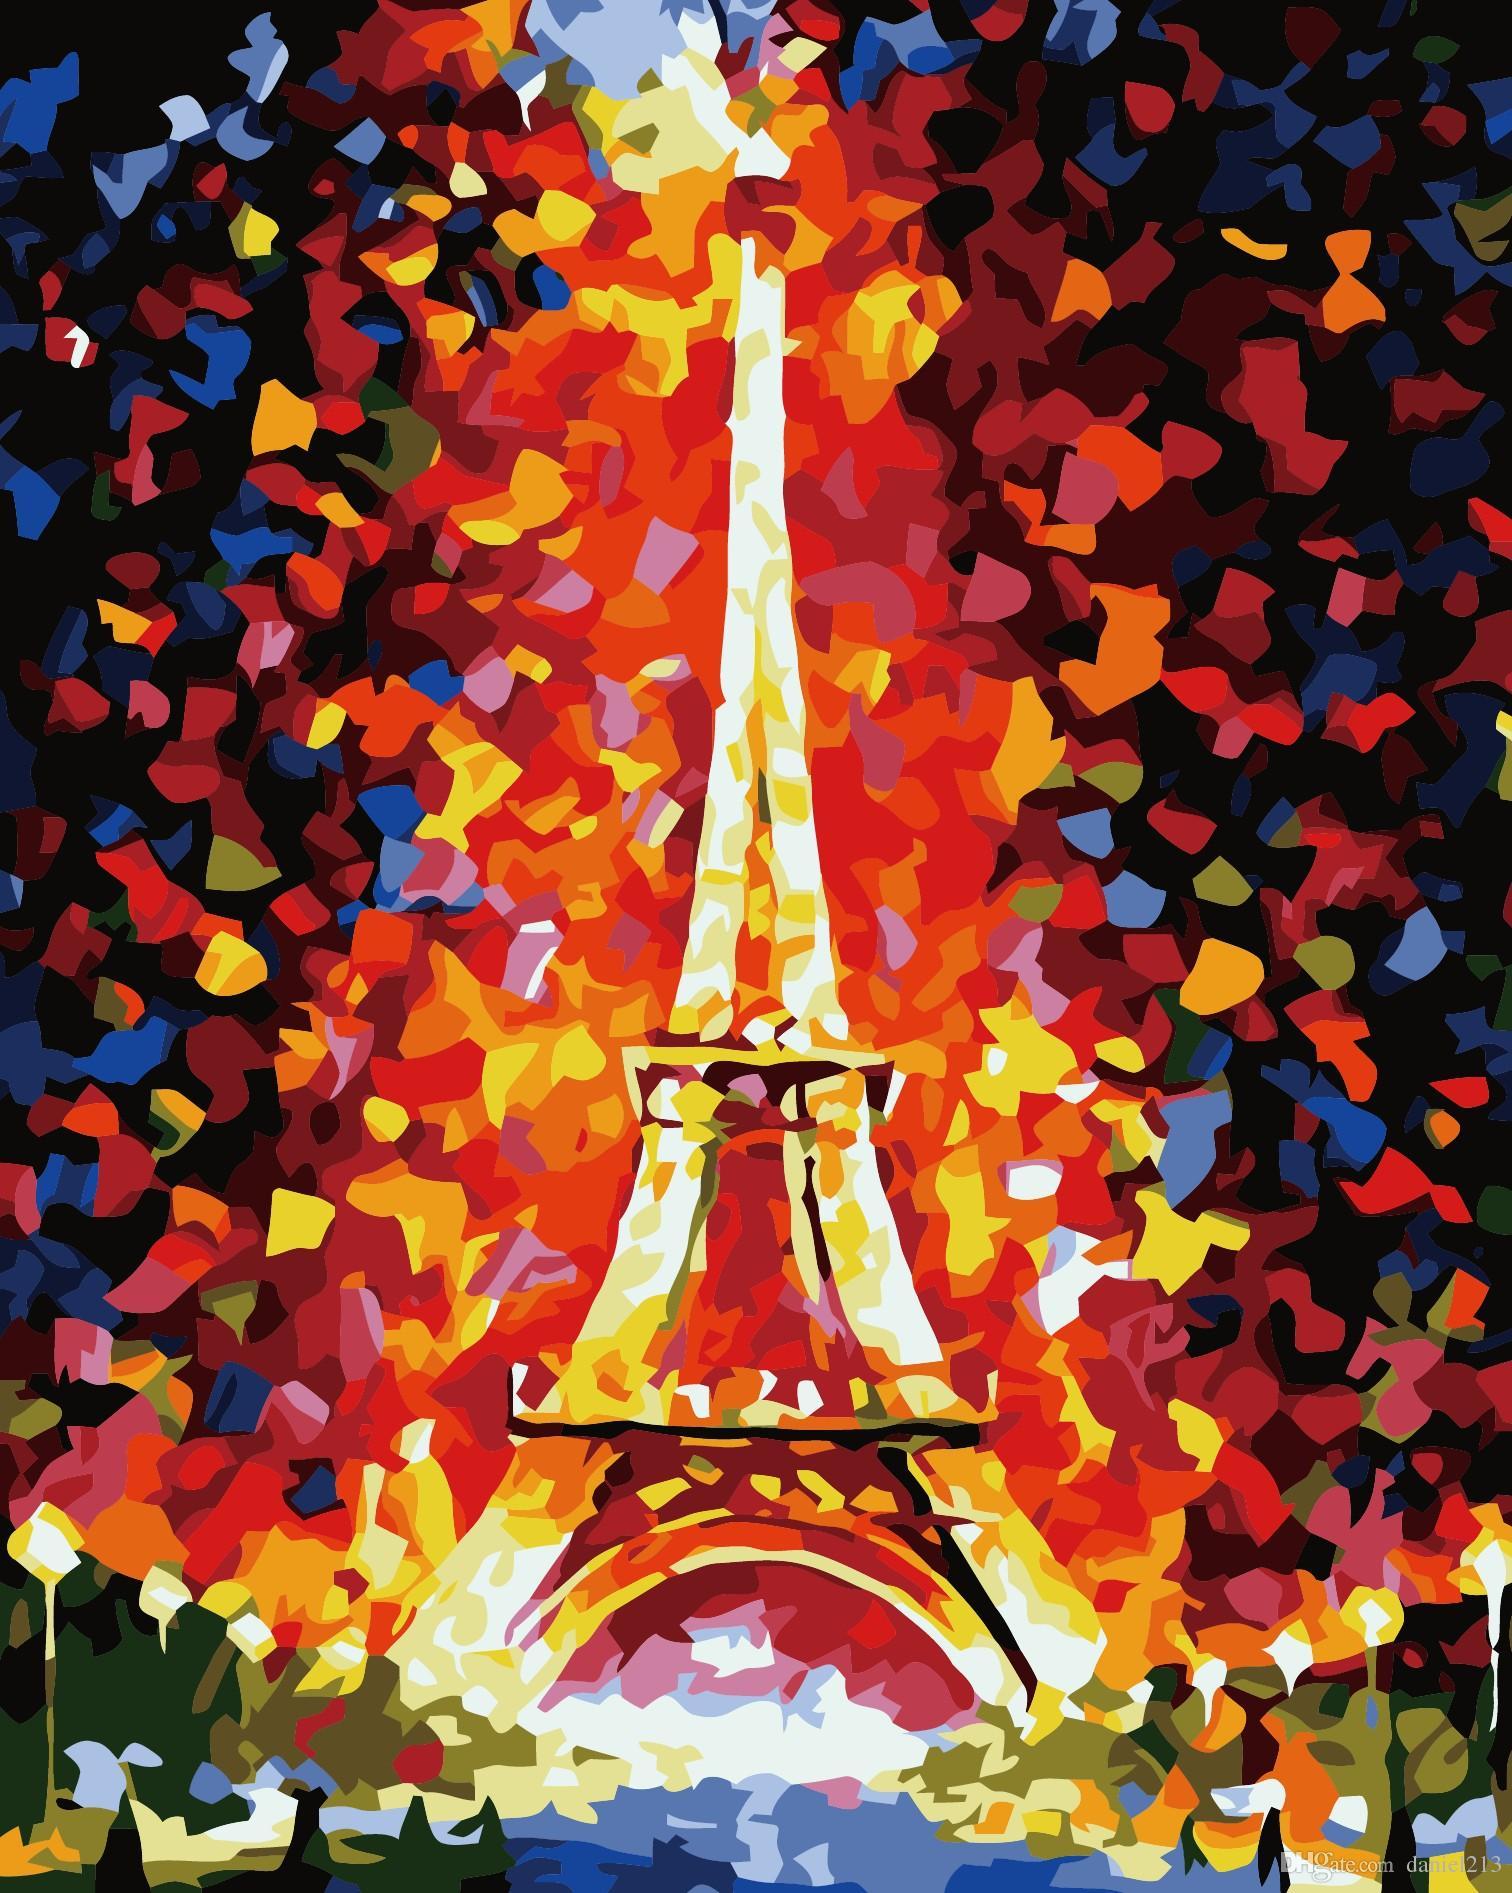 16x20 Diy Malen Nach Zahlen Kits Abstrakte Kunst Acryl ölgemälde Auf Leinwand Für Erwachsene Kinder Unframe Romantische Paris Street Eiffelturm